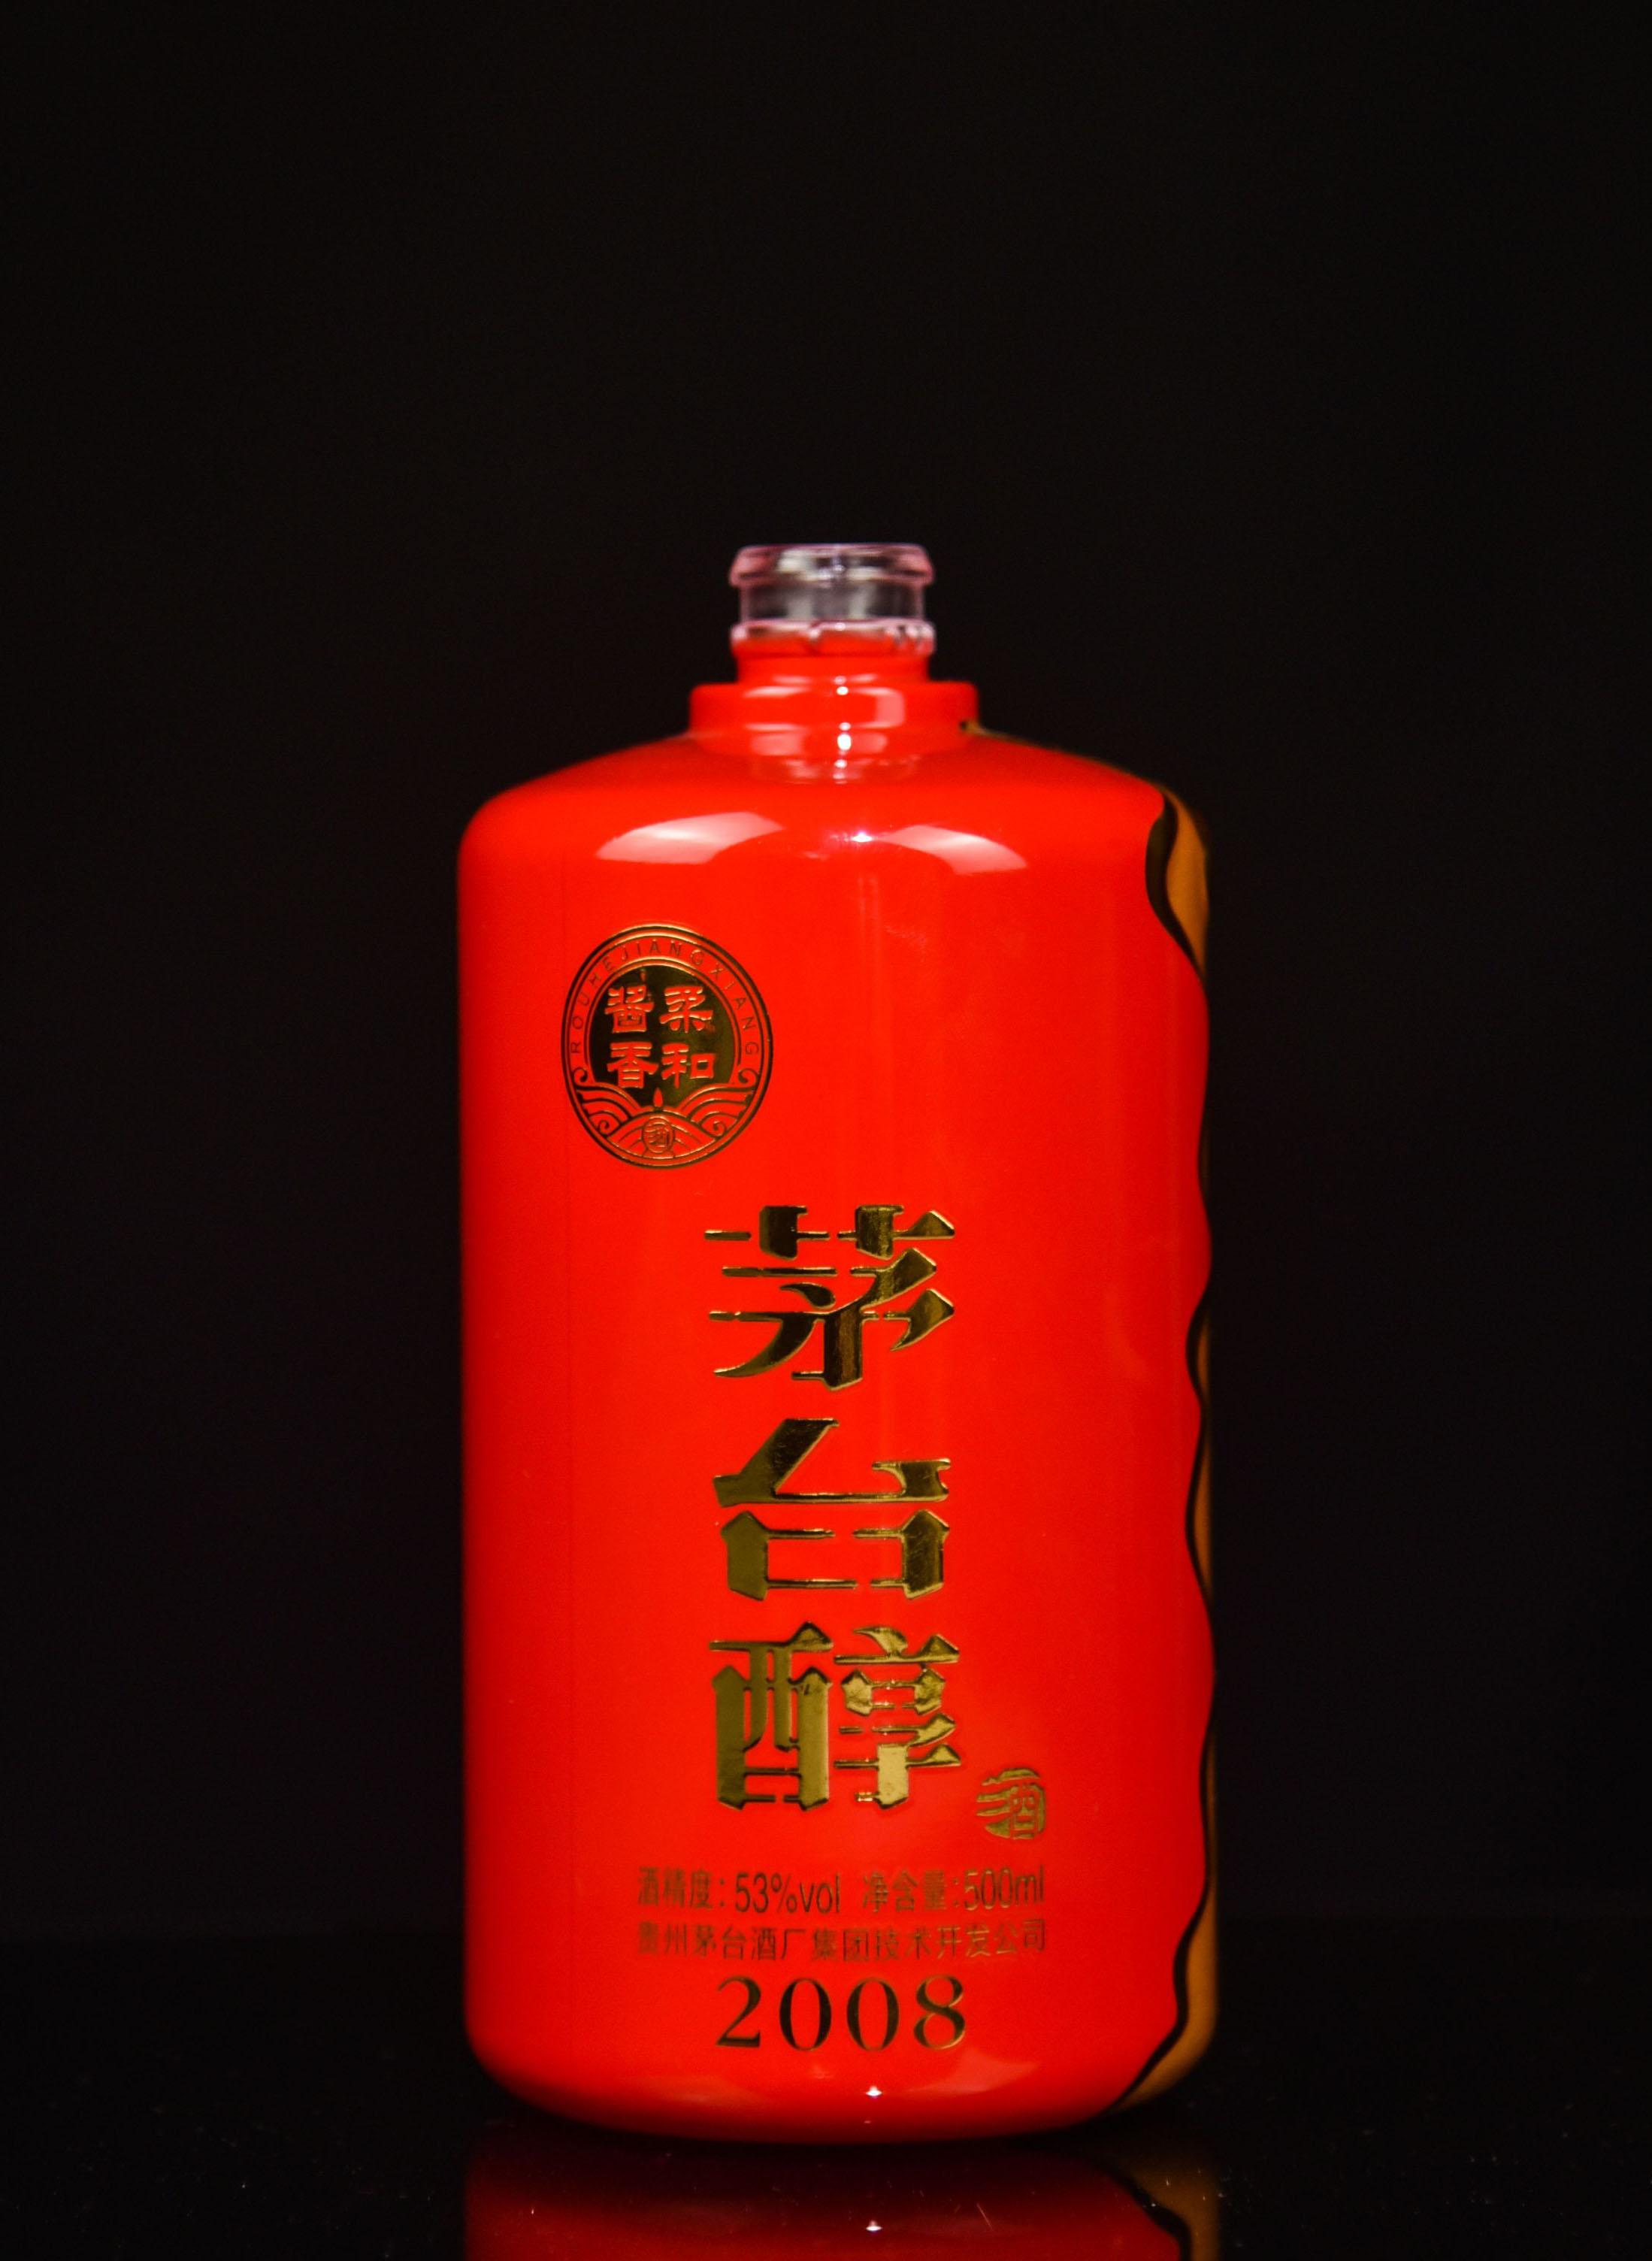 贵州茅台醇瓶